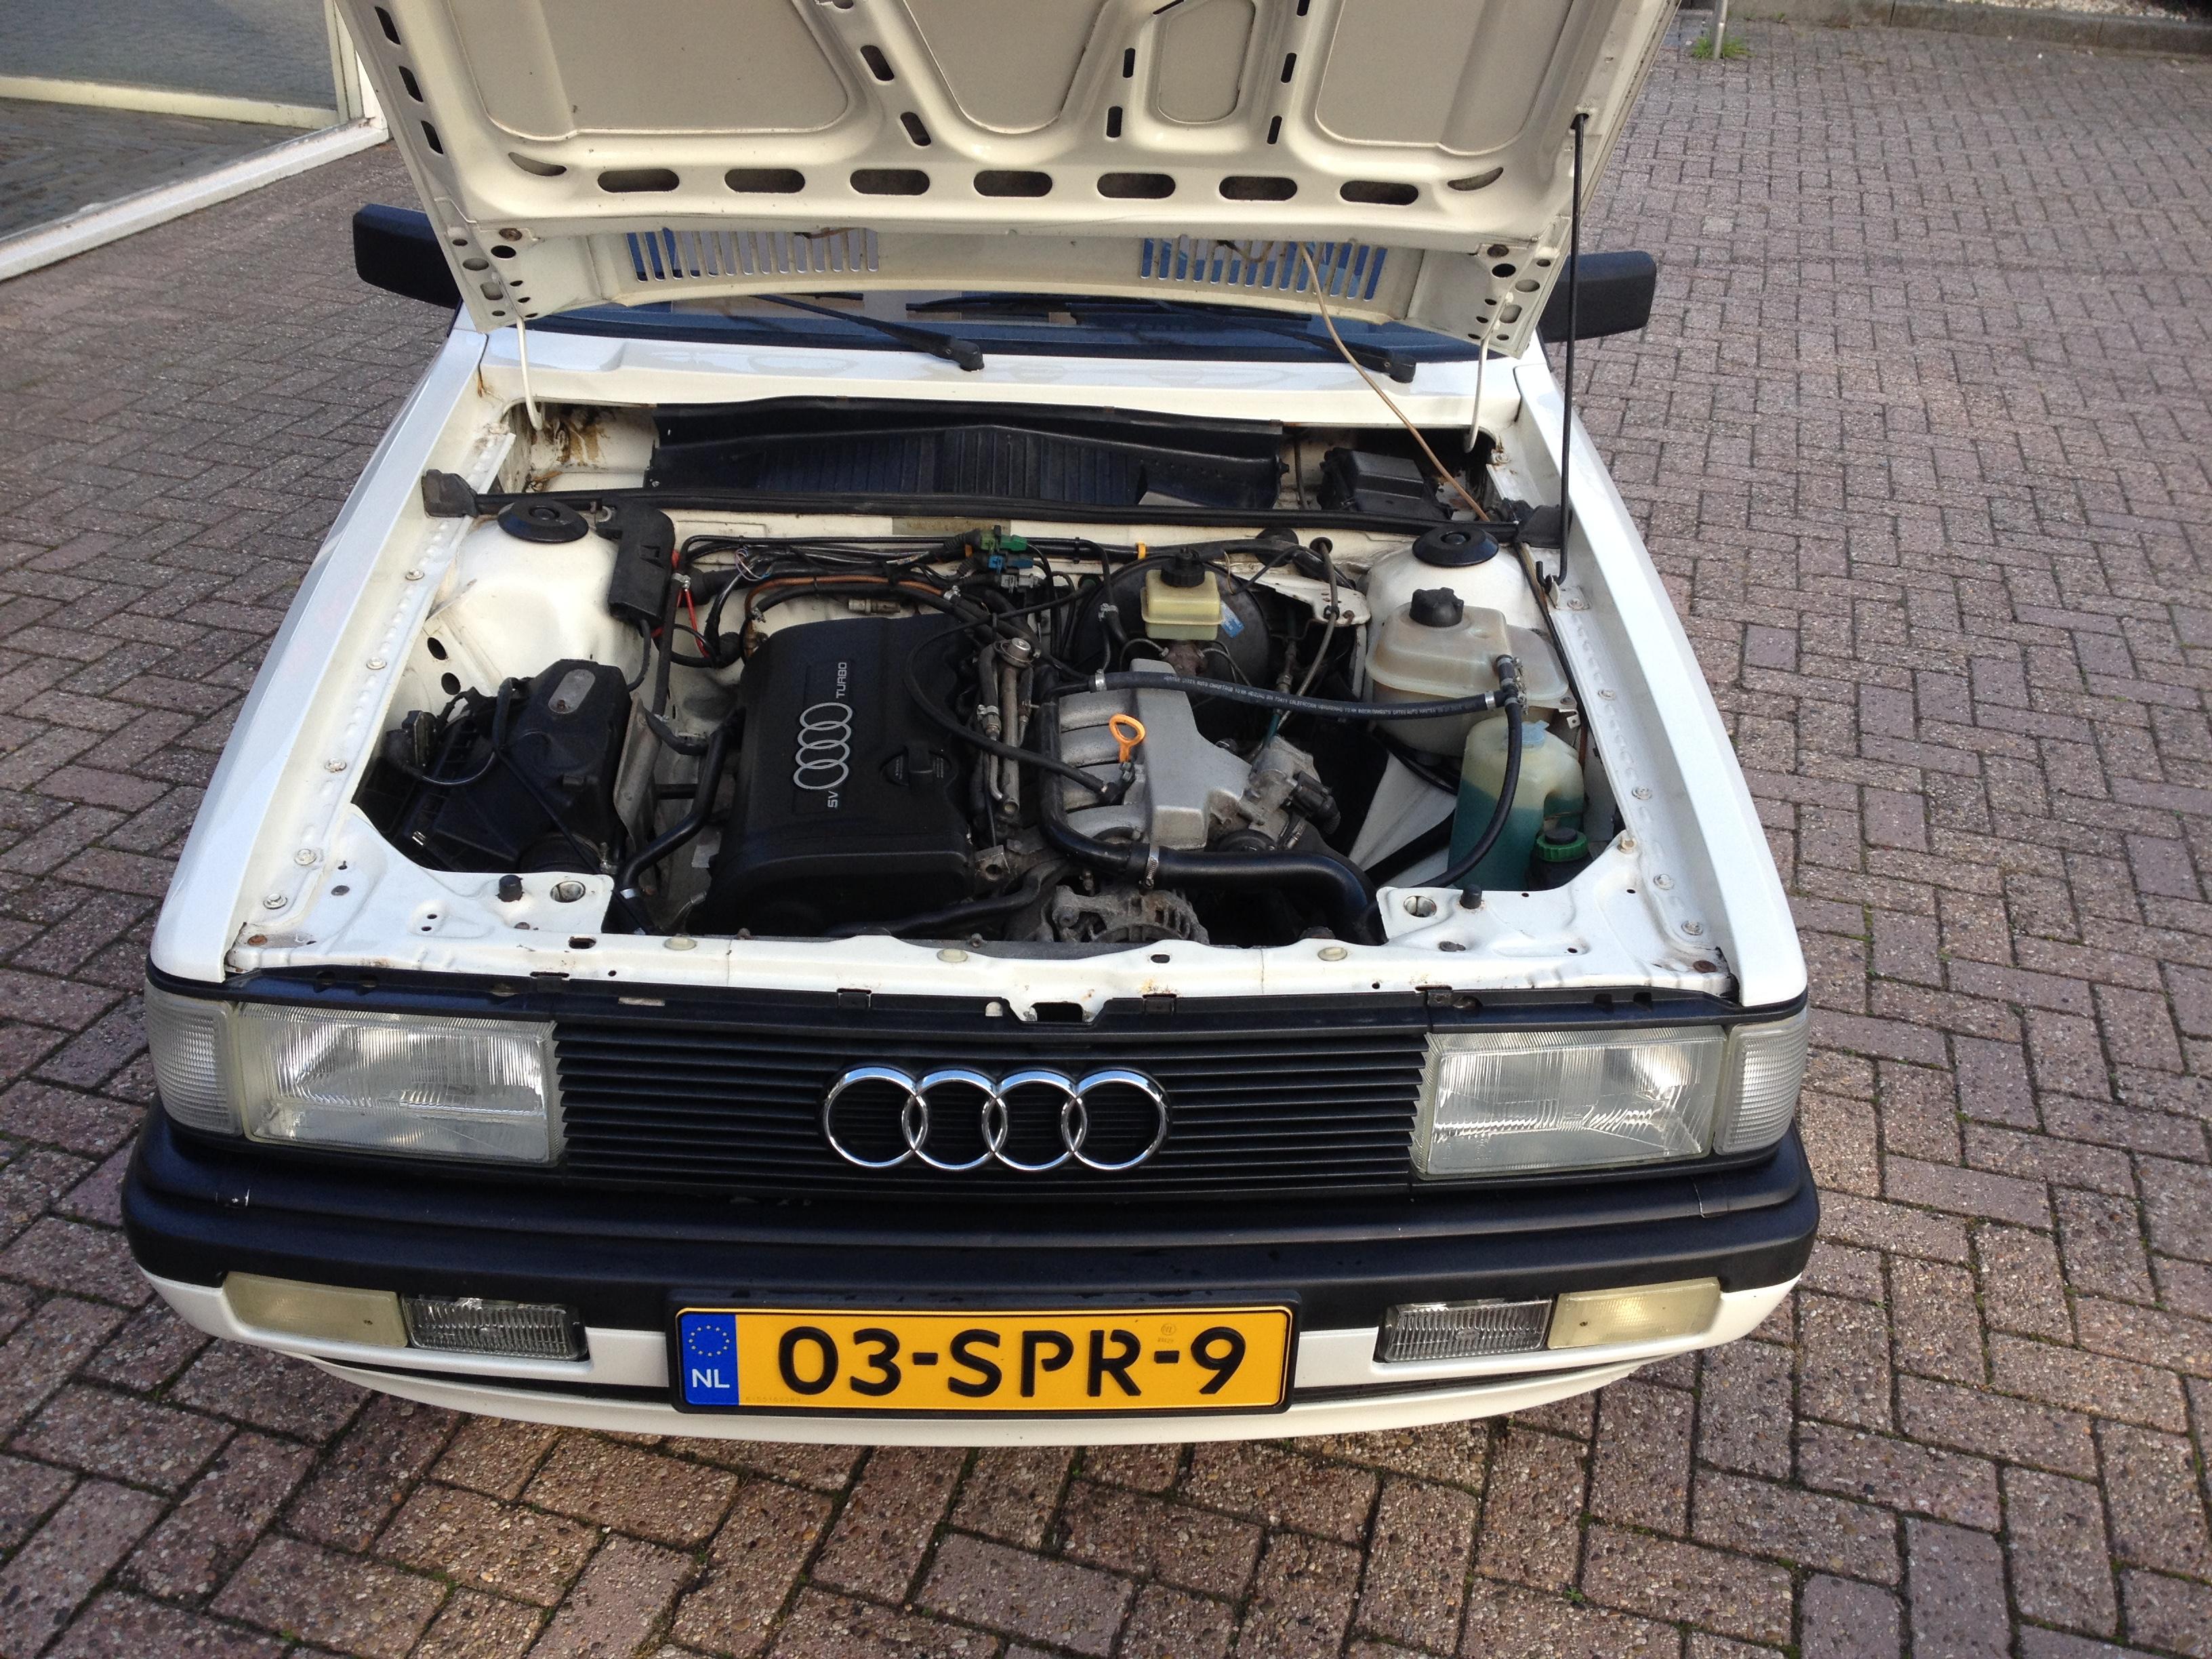 Audi 80 B2 18 20v Turbo Engine Swap Olschool Tuning Jmspeedshopcom